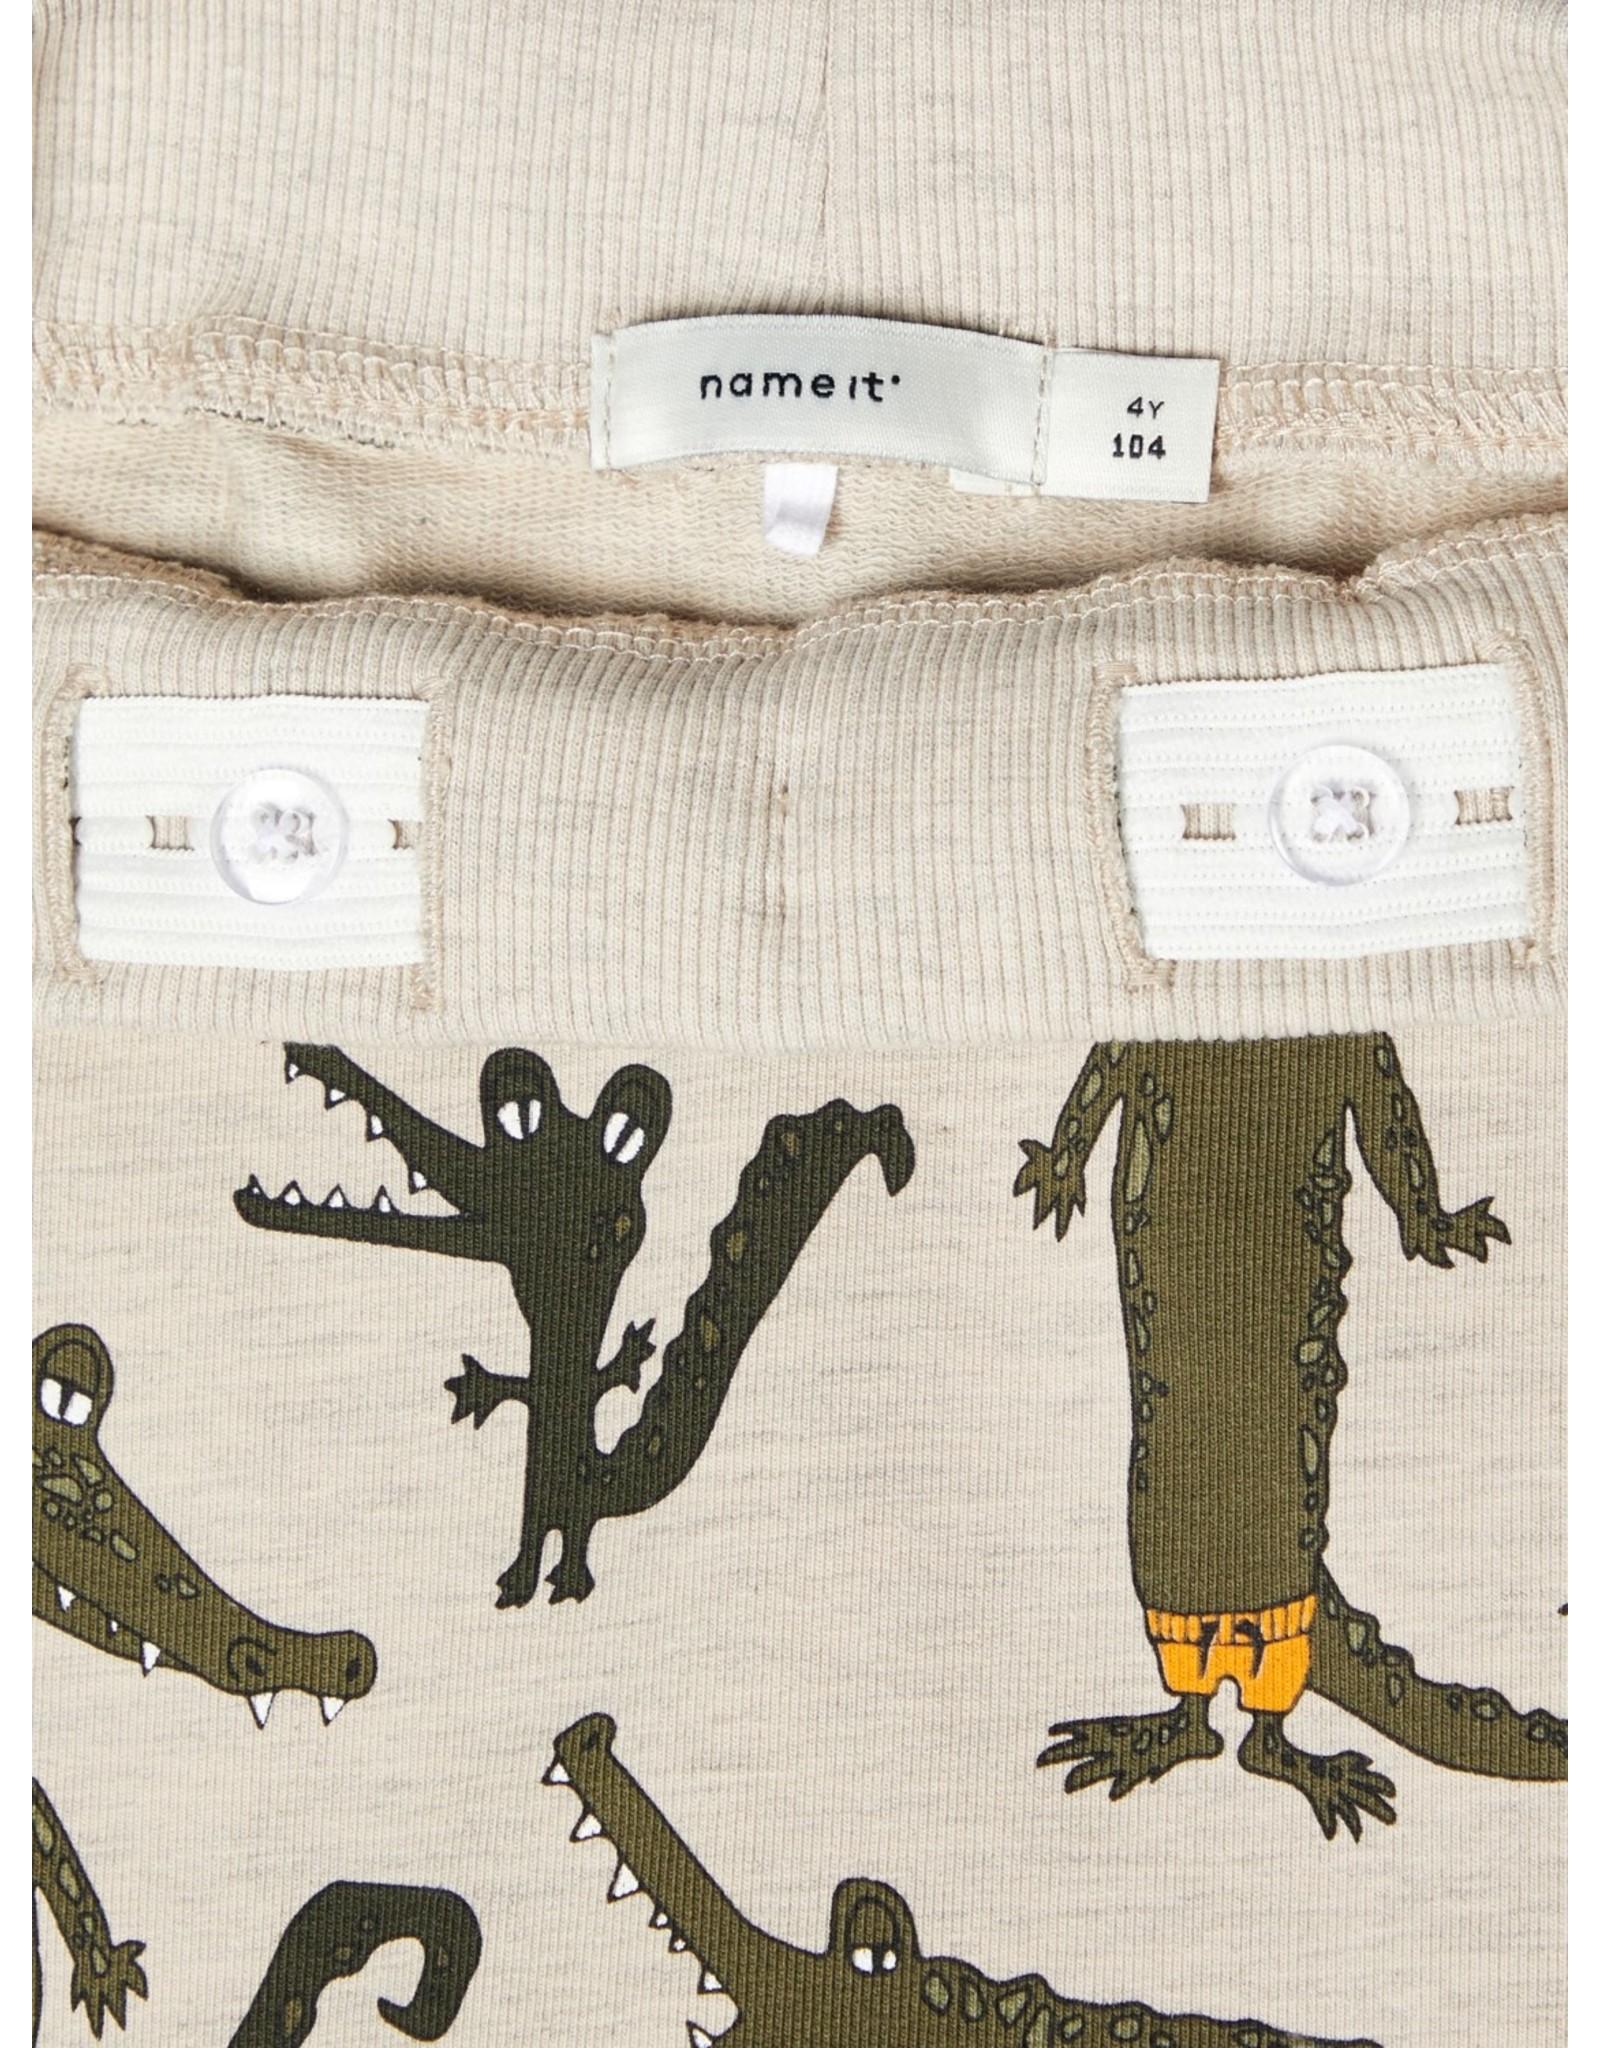 Name It Krokodillen short